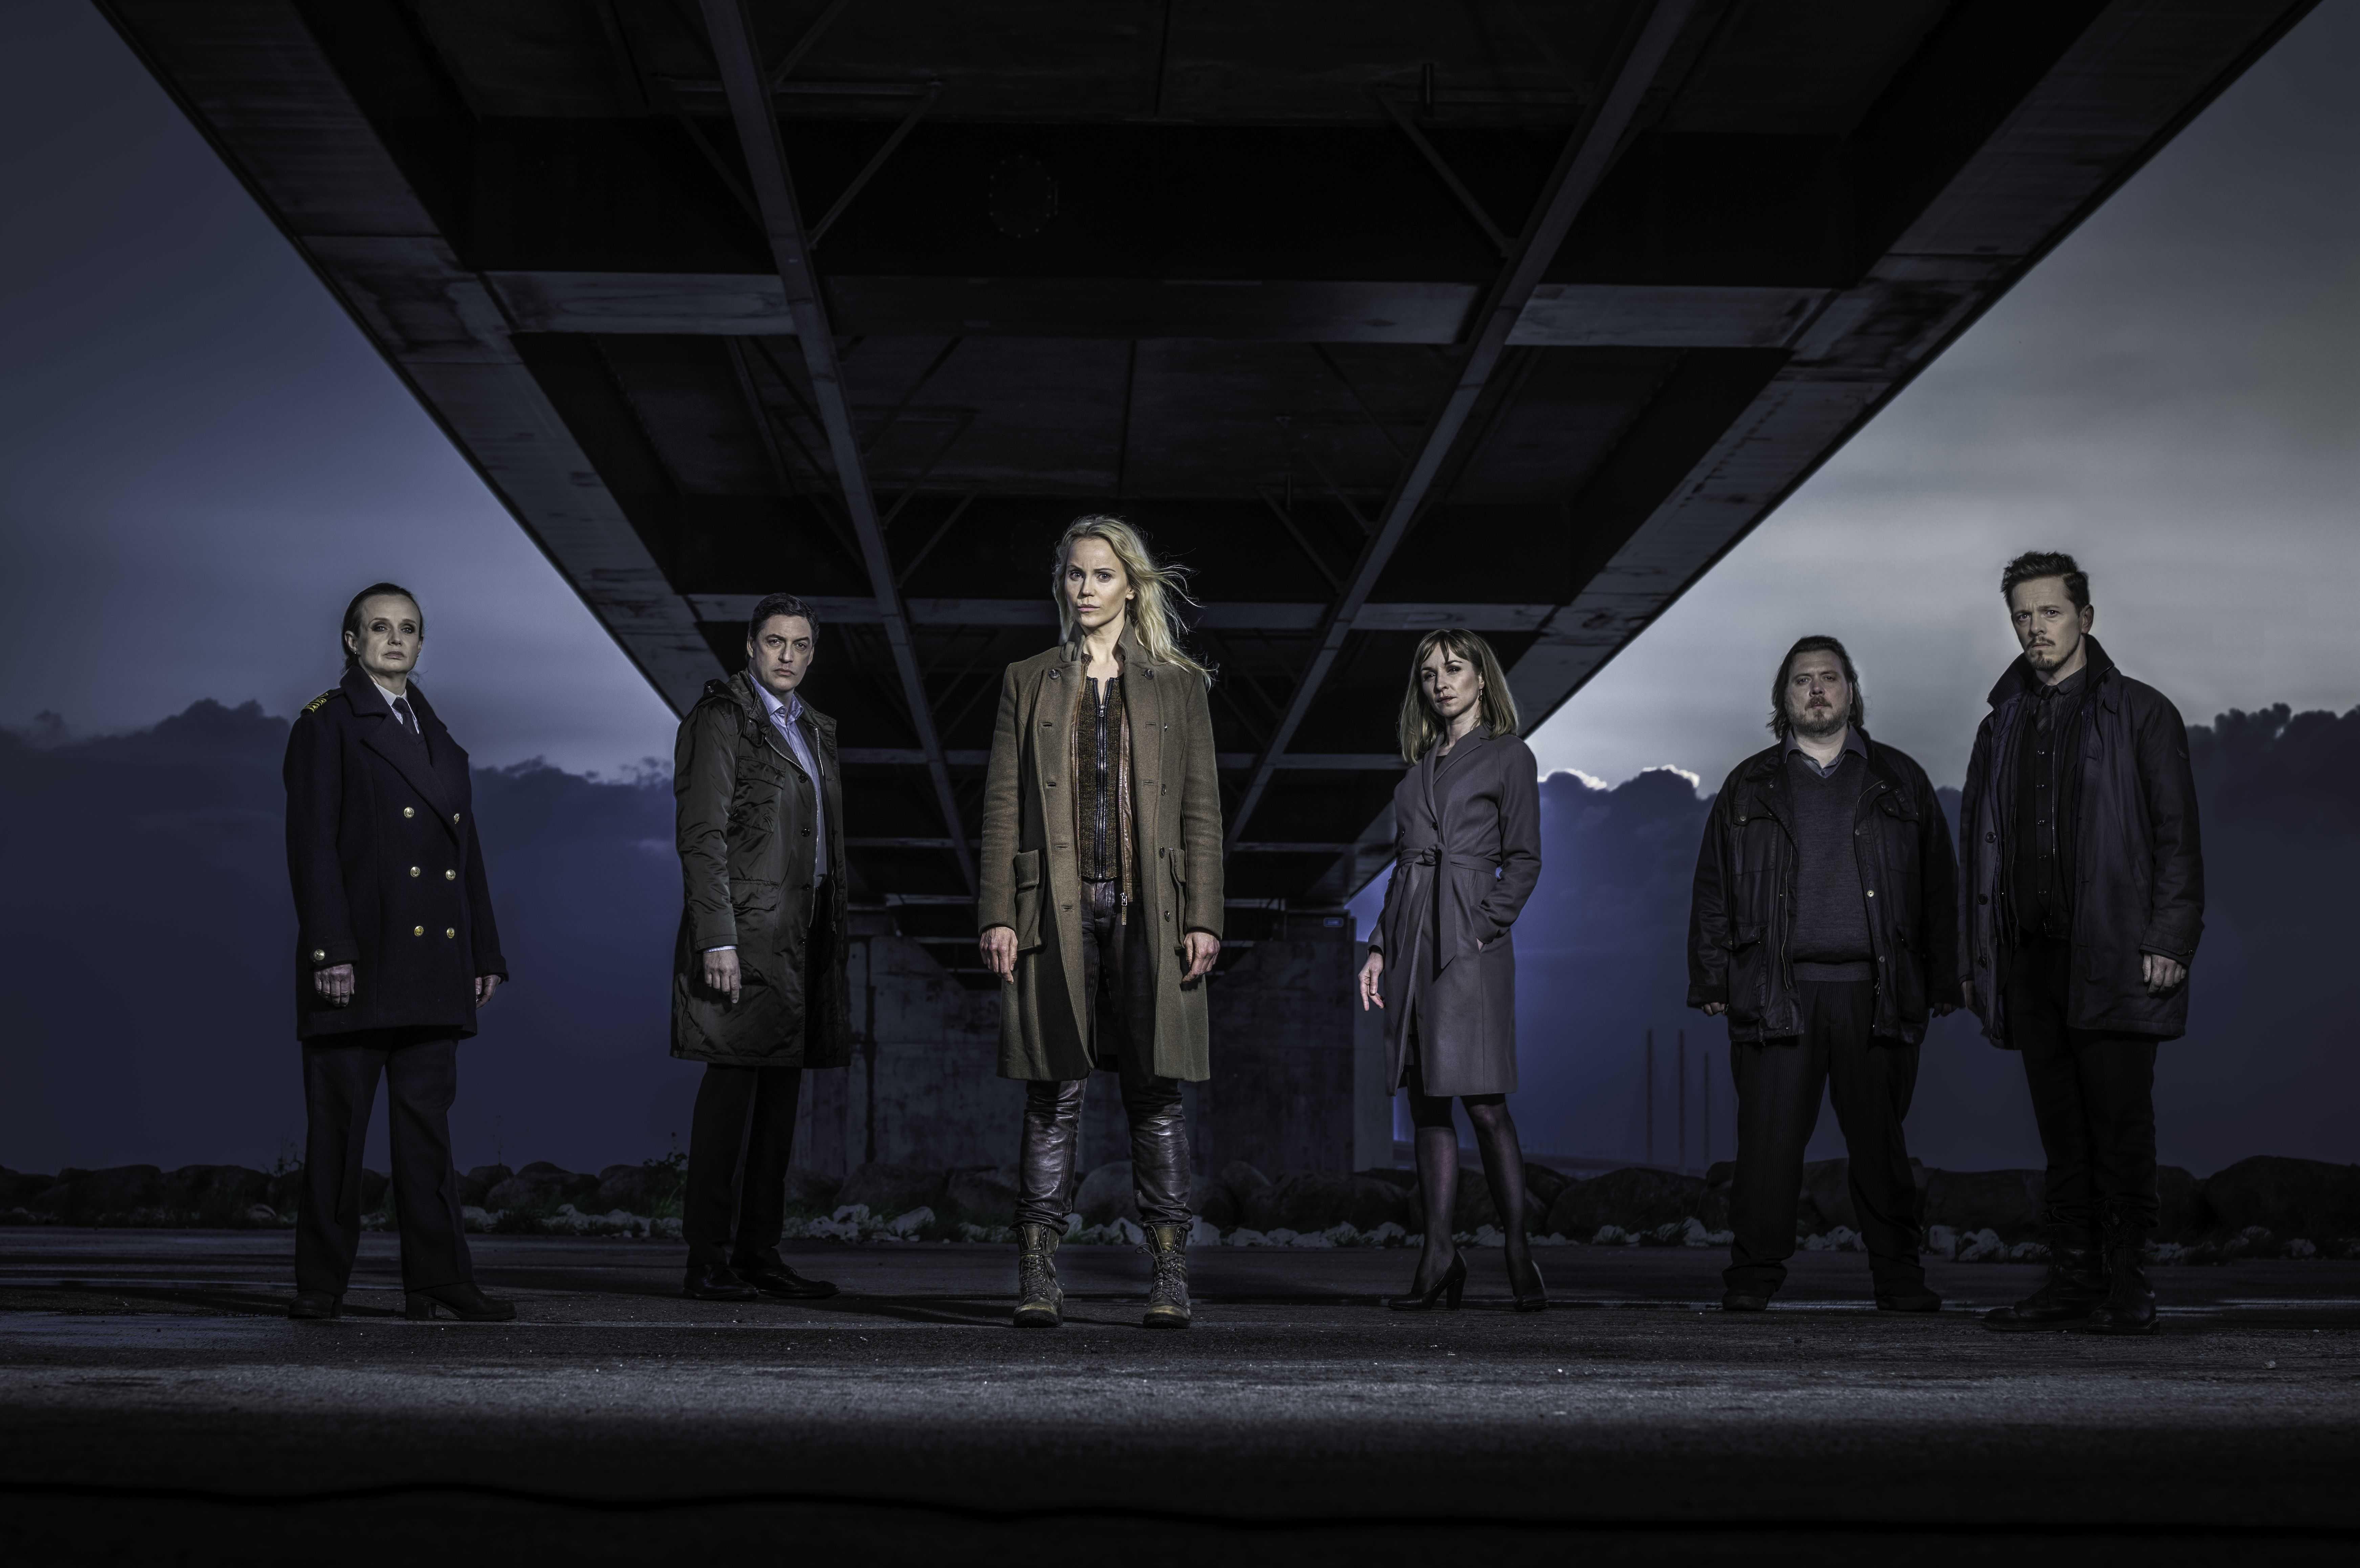 Skandinavischer Krimi, Schwedische Serie, Die Brücke, Tod in den Transit, ZDF, DVD, Bluray, Blog, Skandinavien, Schweden, Dänemark